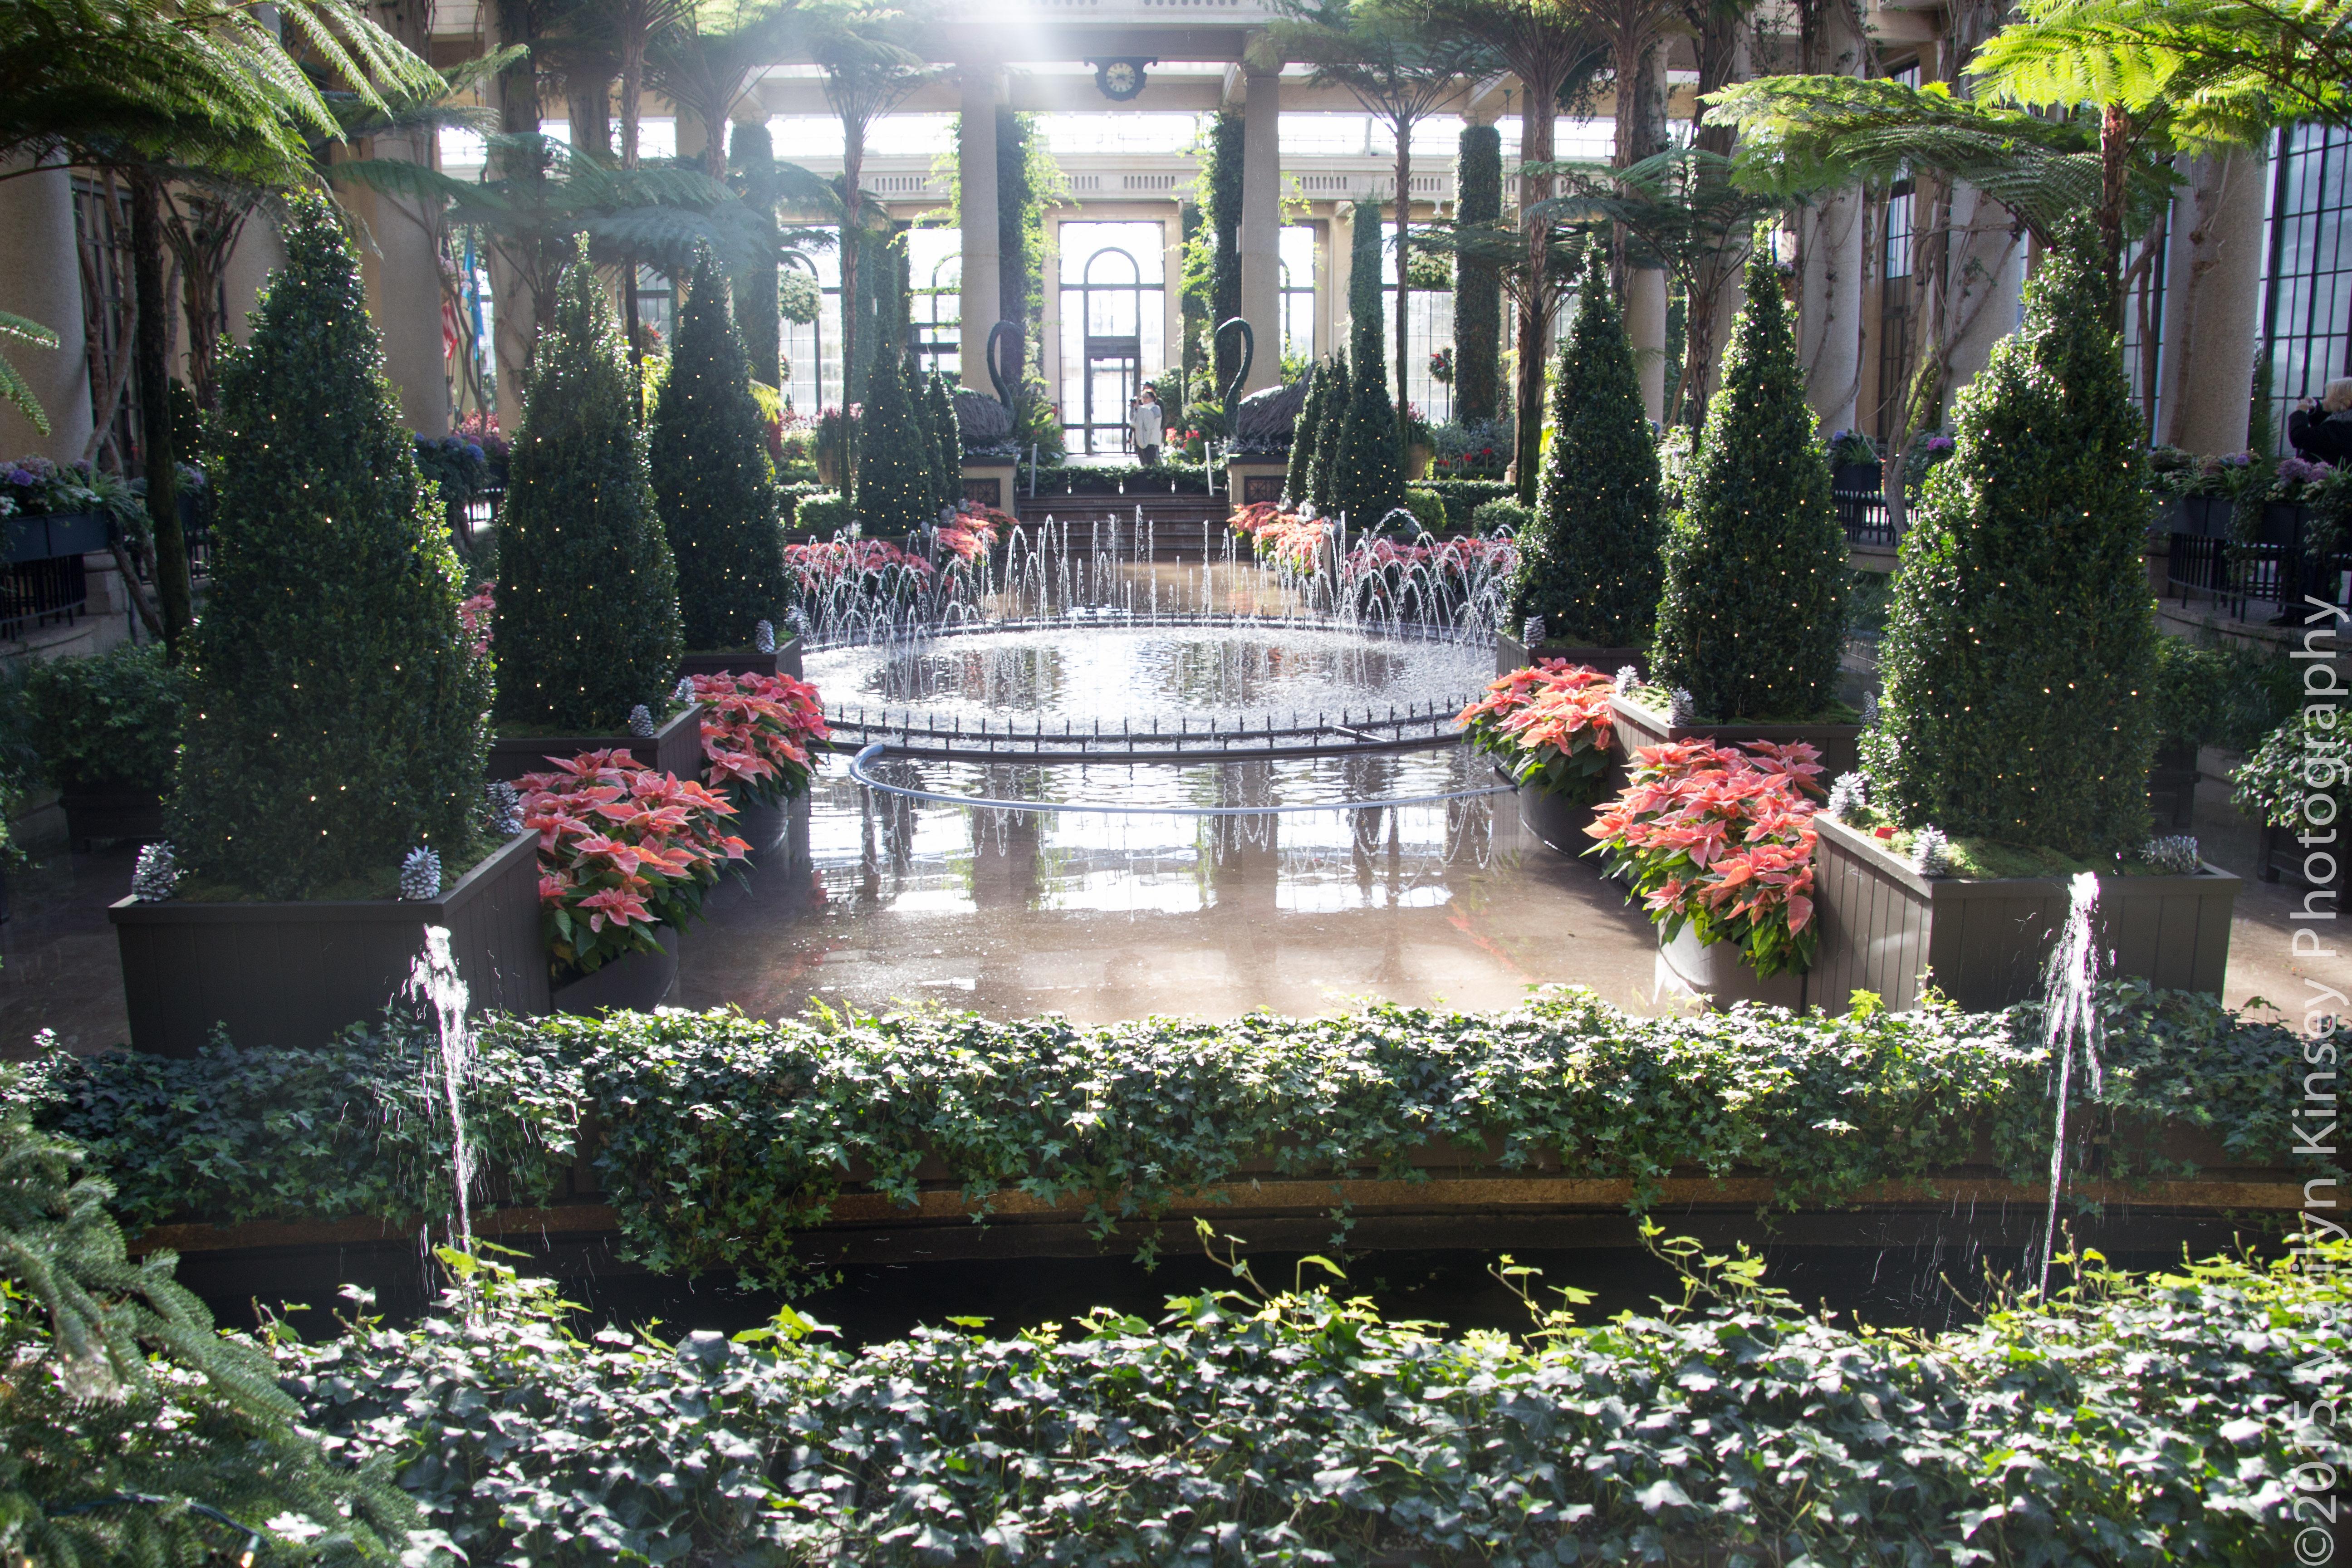 Meetup longwood gardens a shutter life for Garden pool meetup